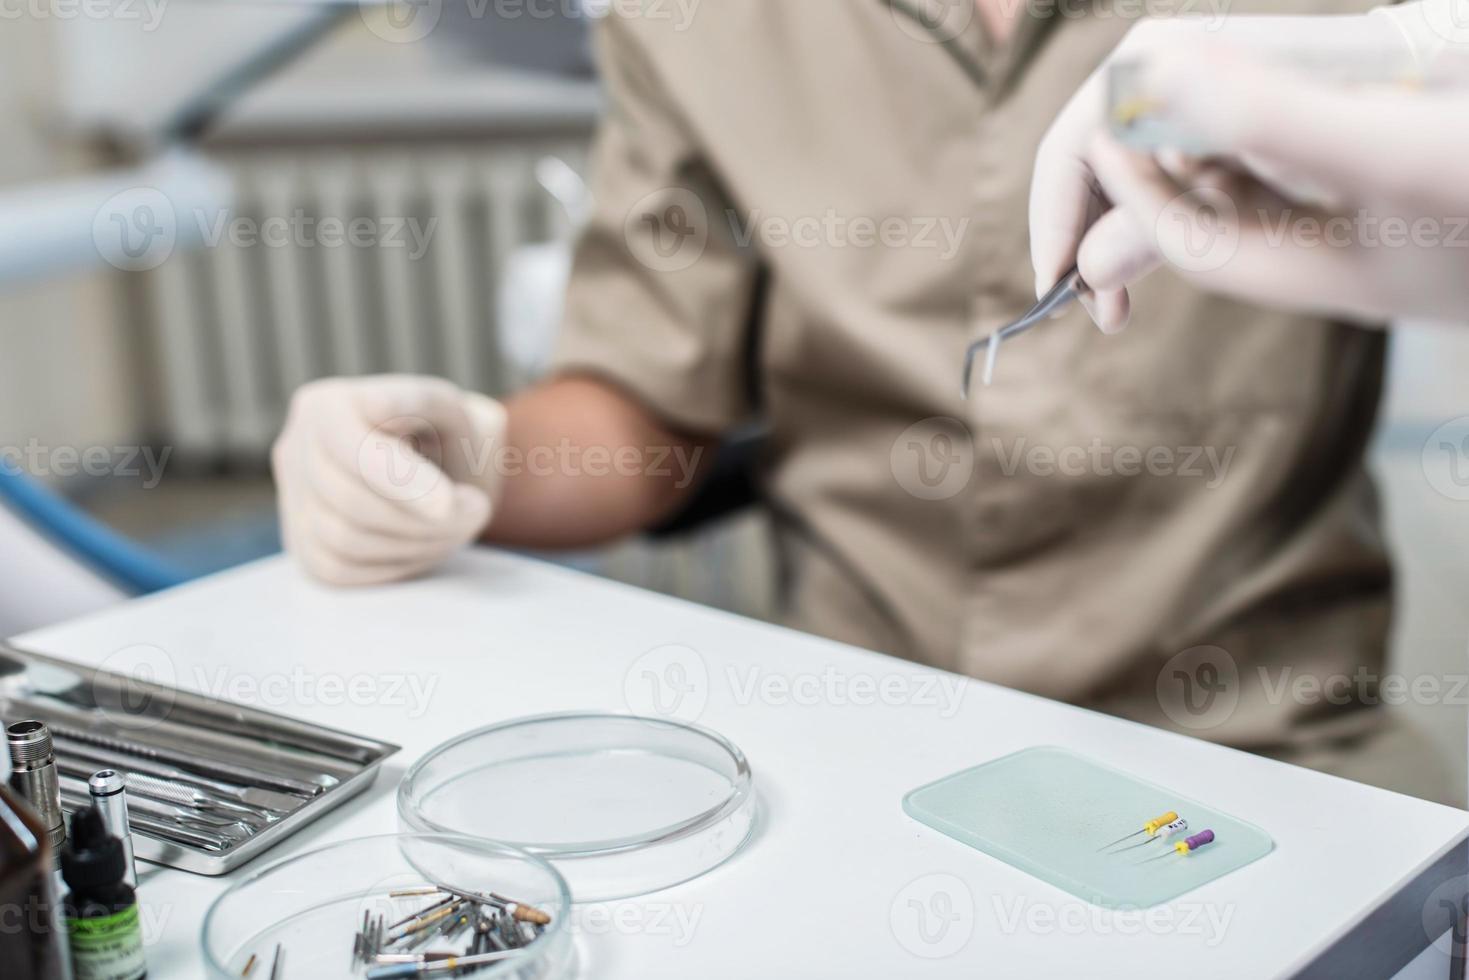 dentista curando um paciente. selecione itens do dentista para usar foto